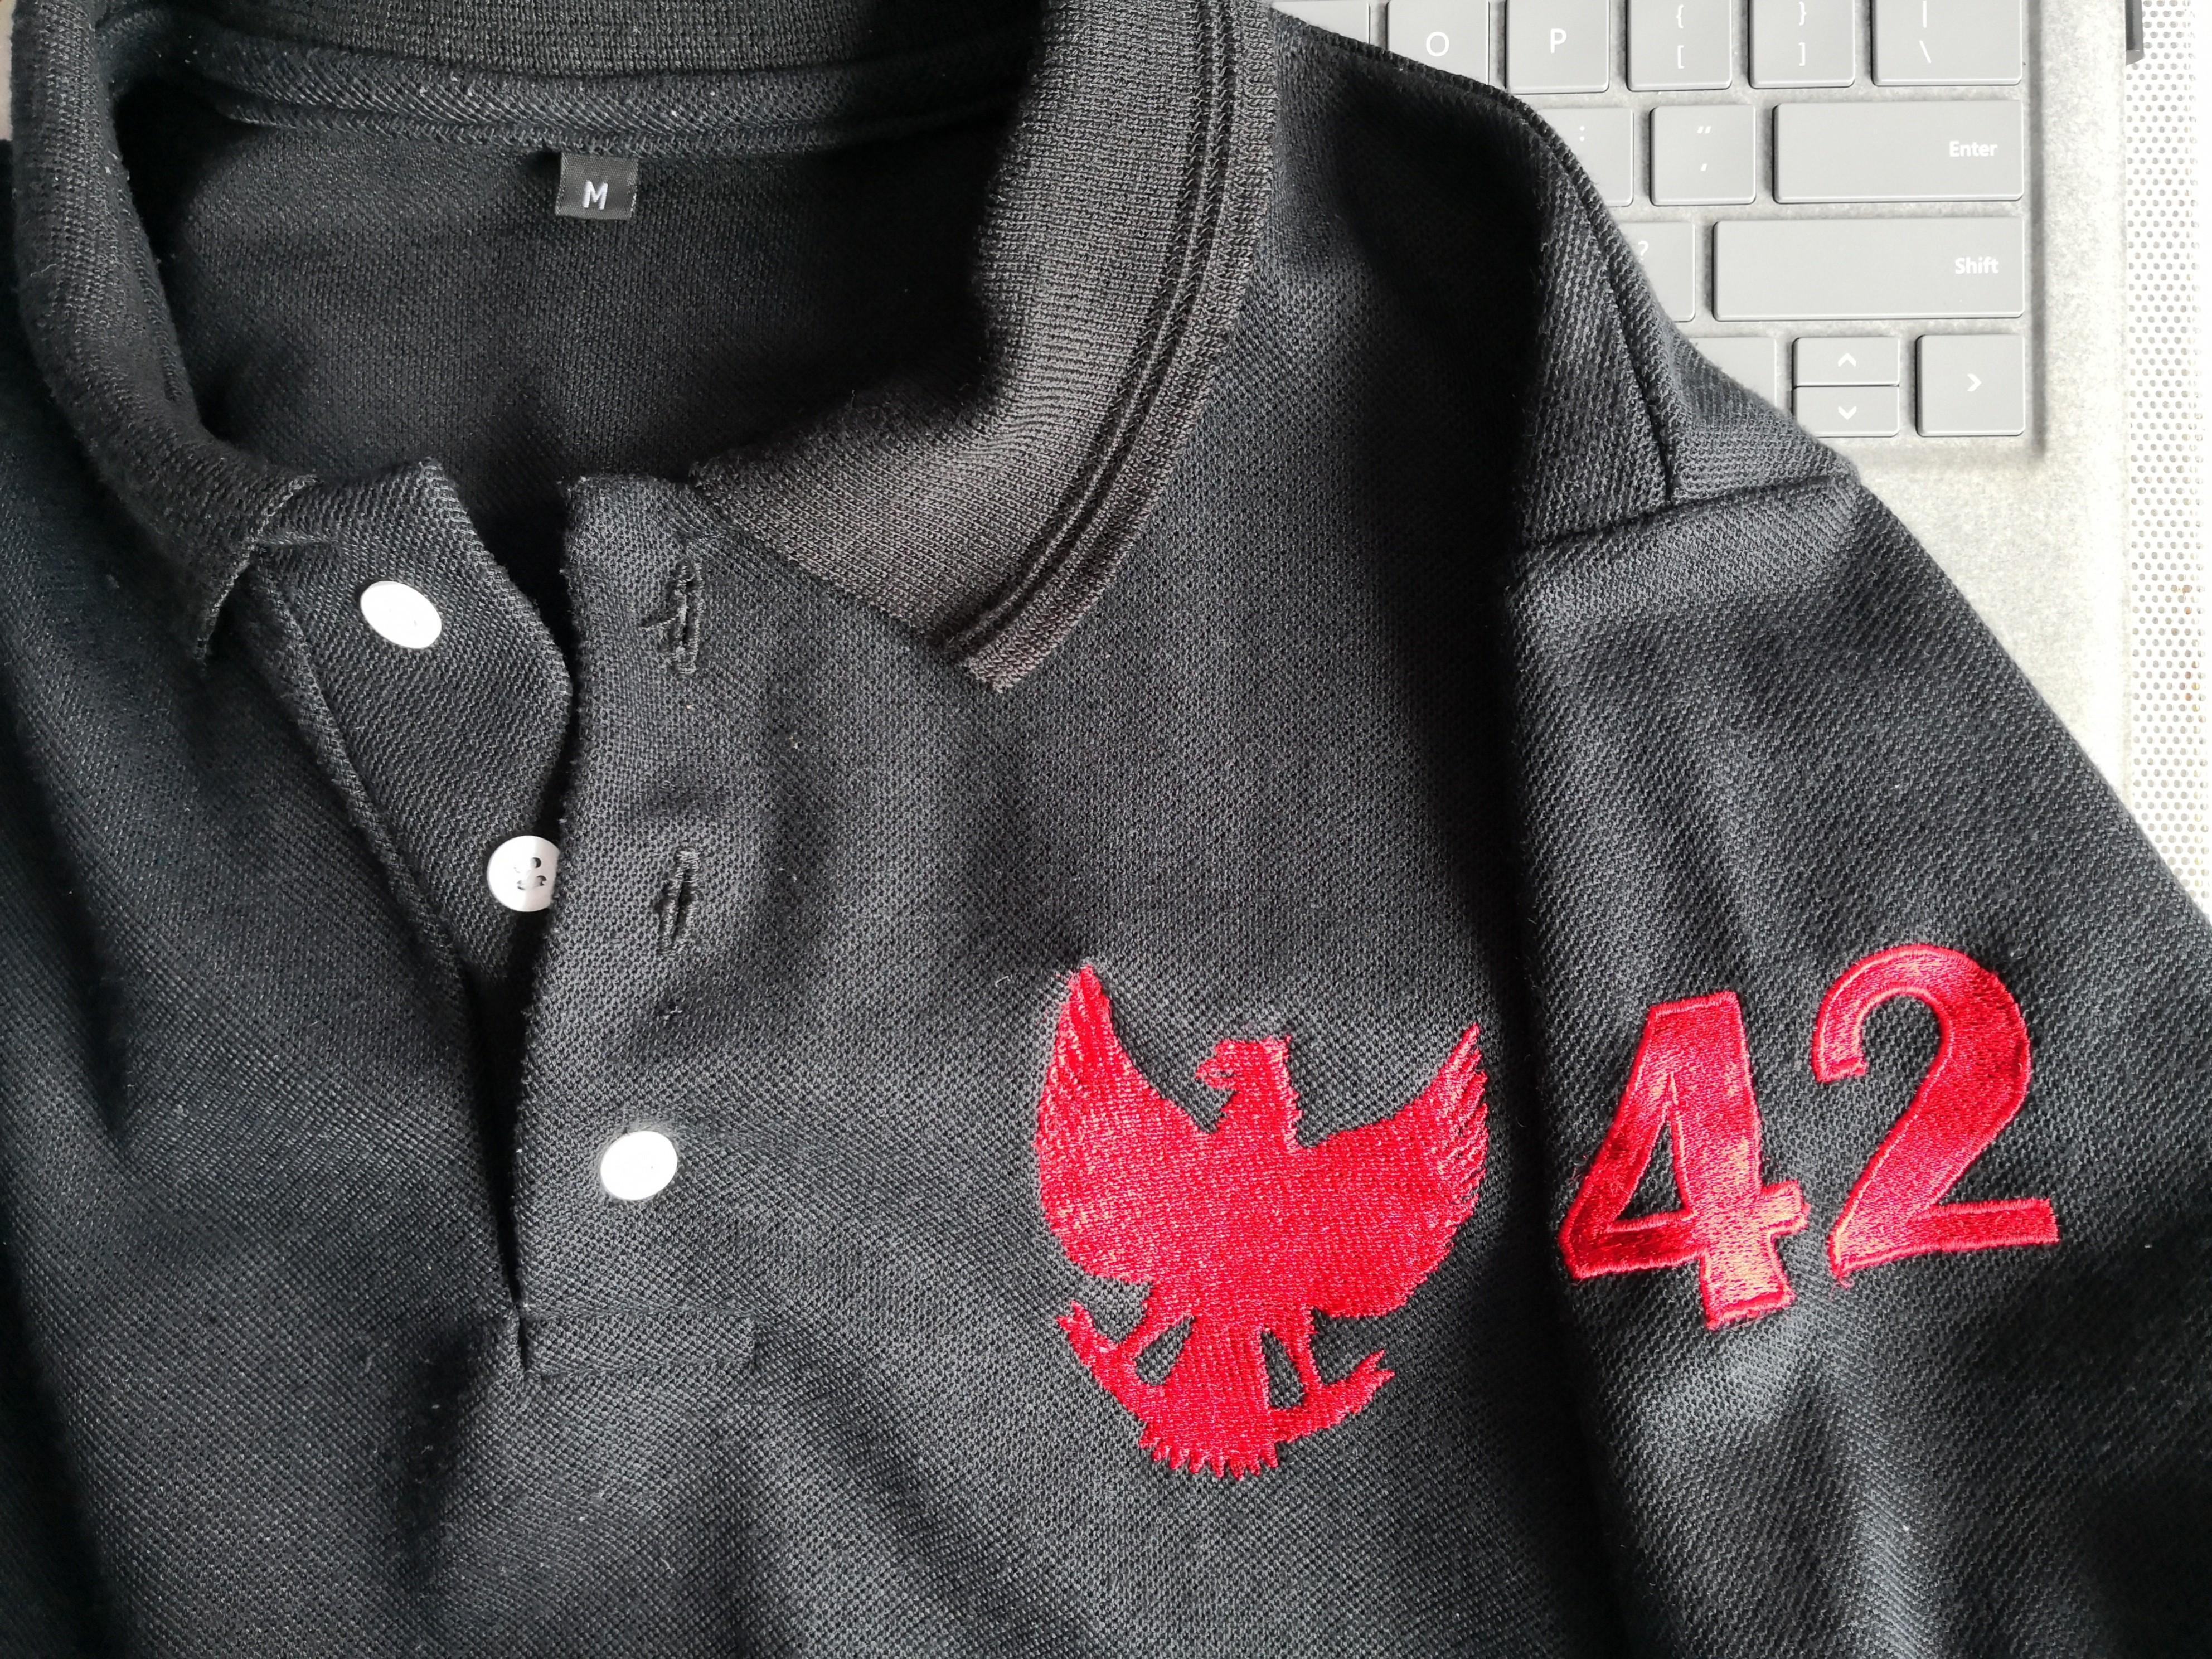 Cool Garuda logo polo tee